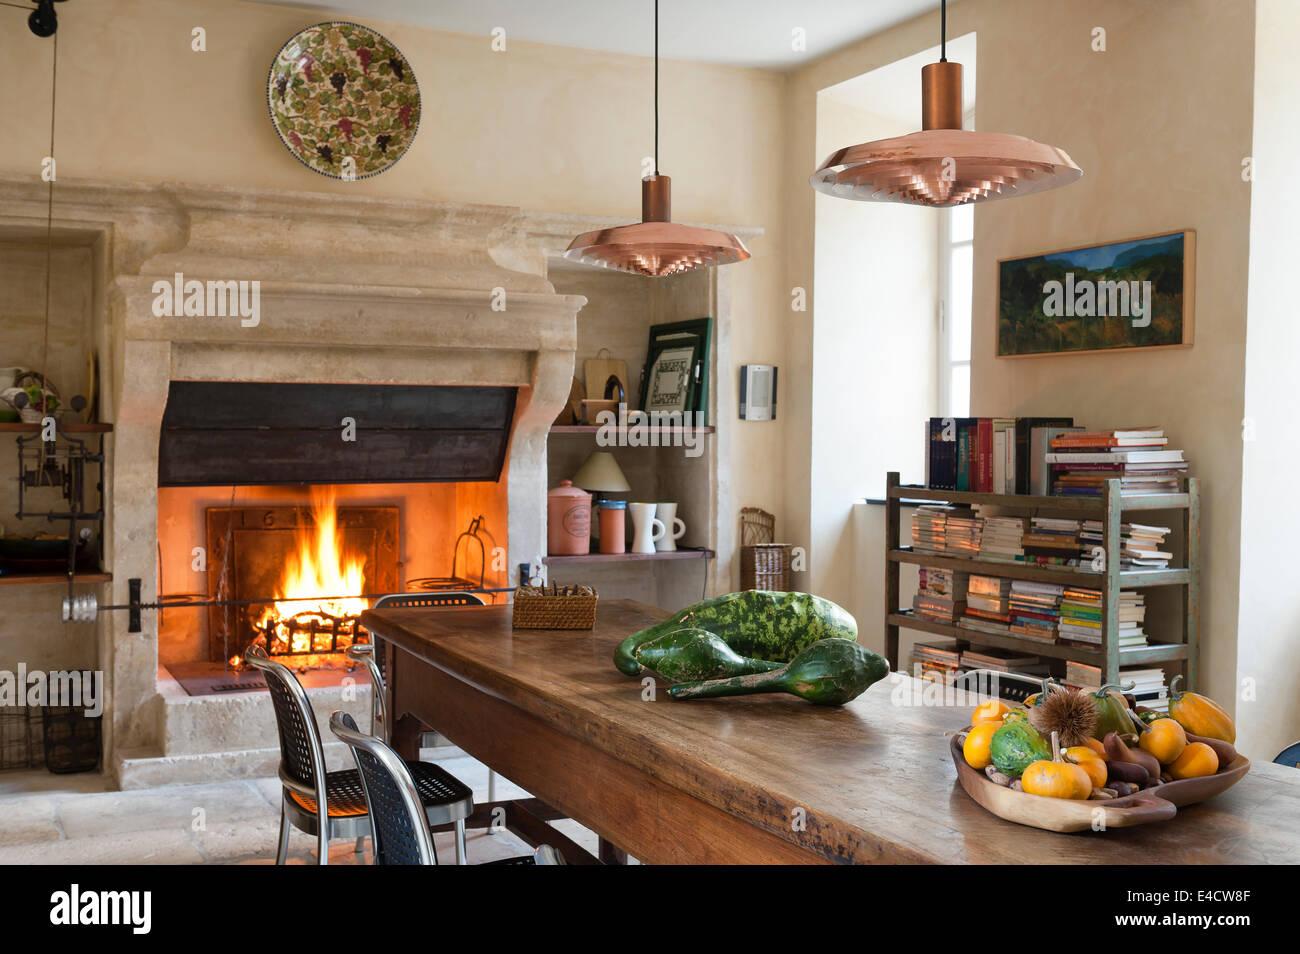 Provenzalische Küche mit großer Kamin und Esstisch aus Holz. Die ...